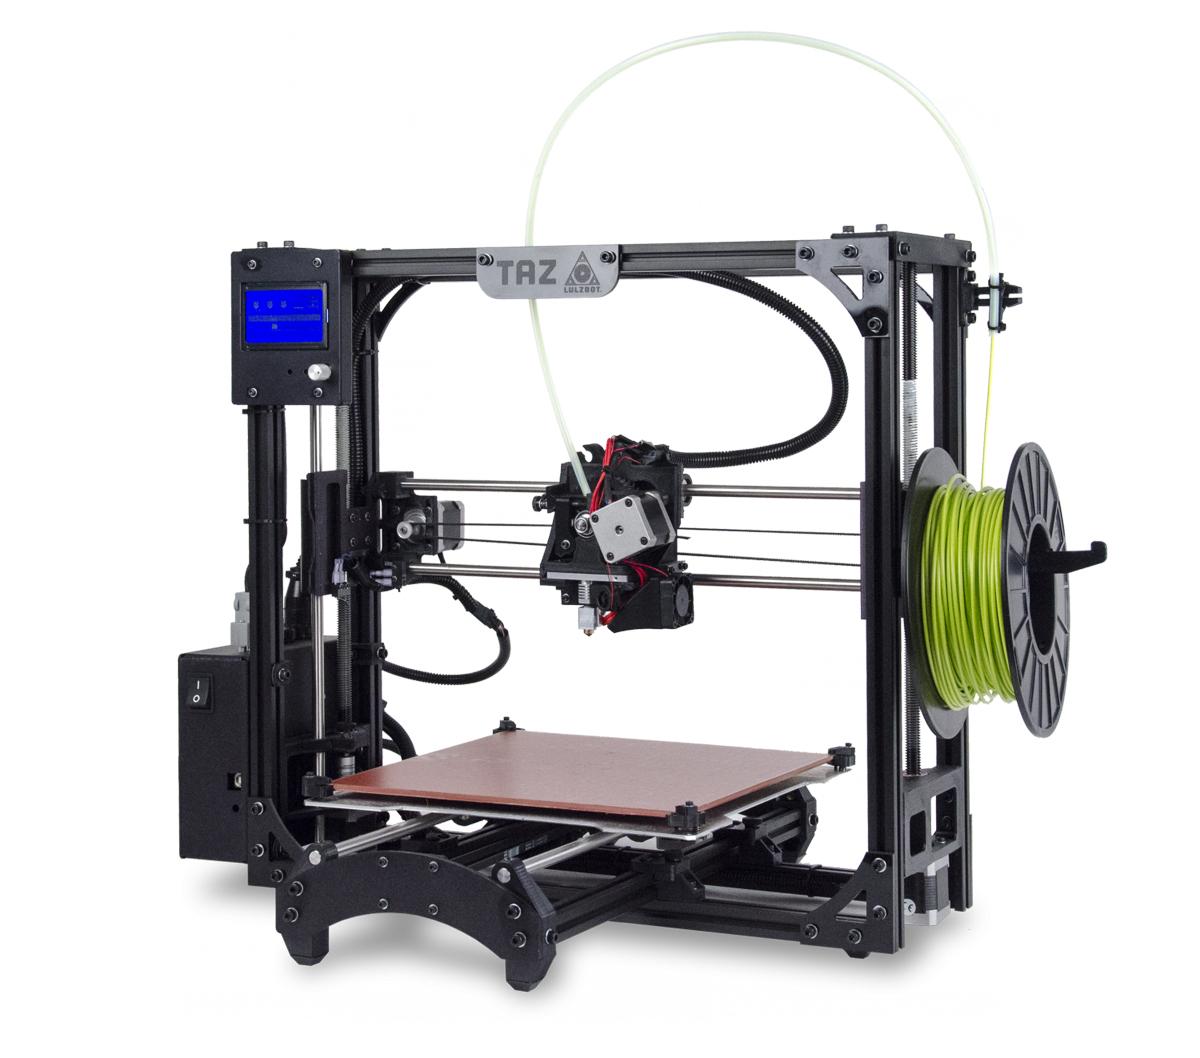 3d printer essay